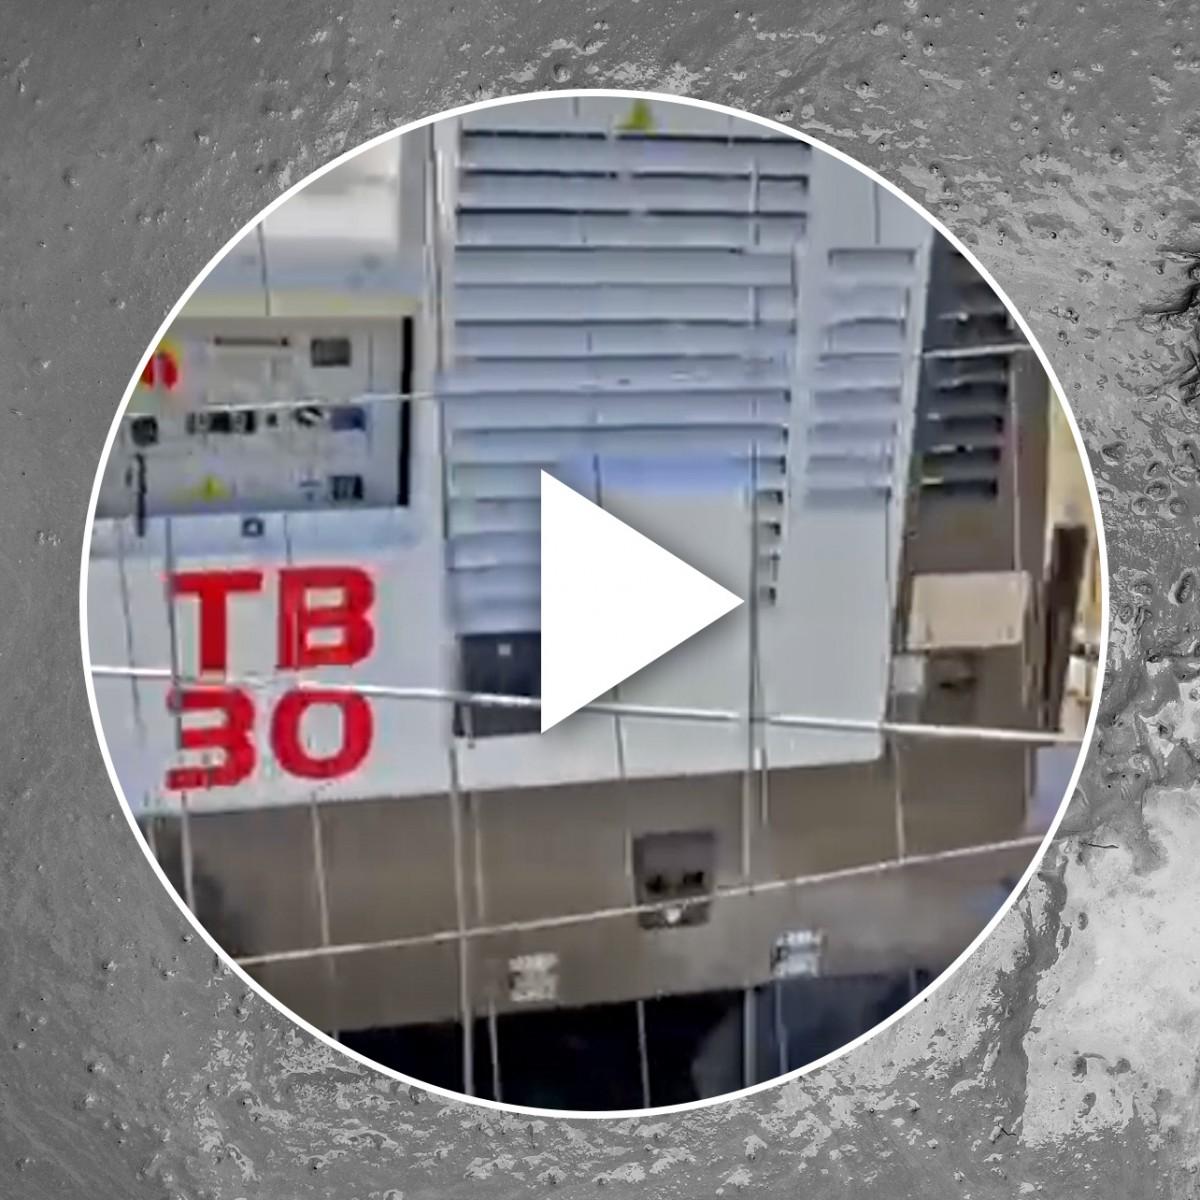 TB 30 - Riempimento di cavità e di tubi sotterranei